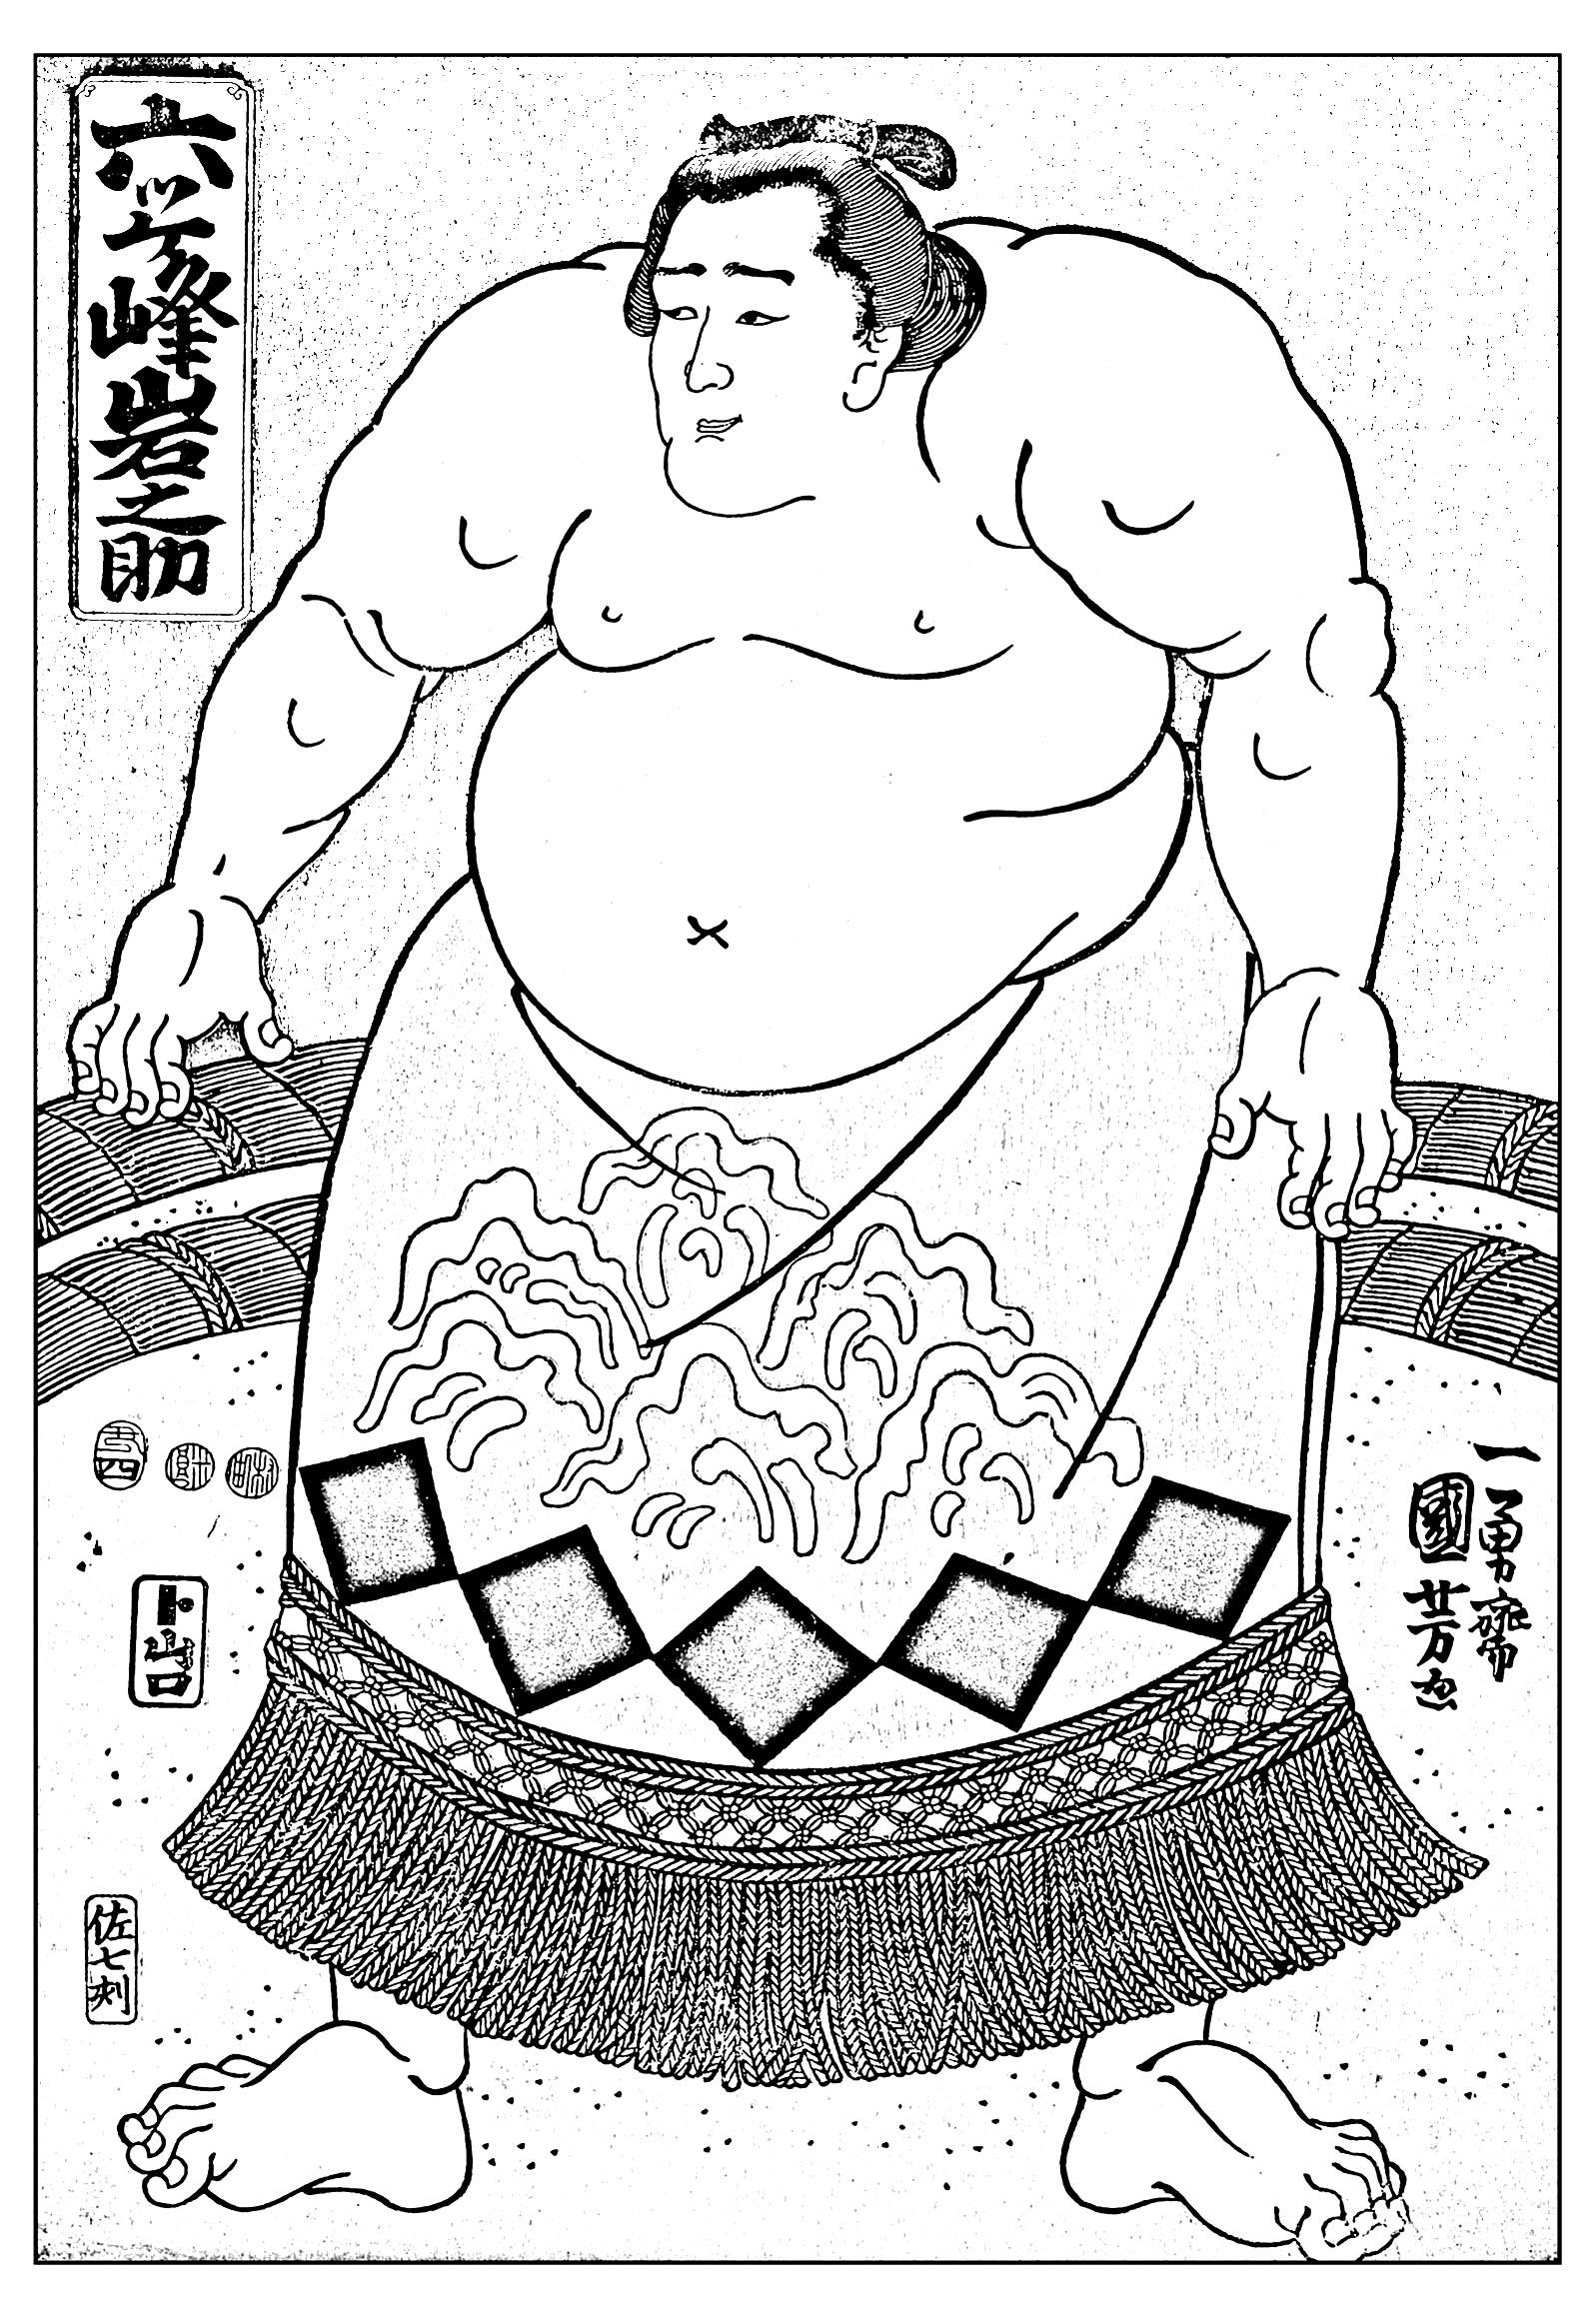 Japan sumo kuniyoshi utagawa Japan Adult Coloring Pages